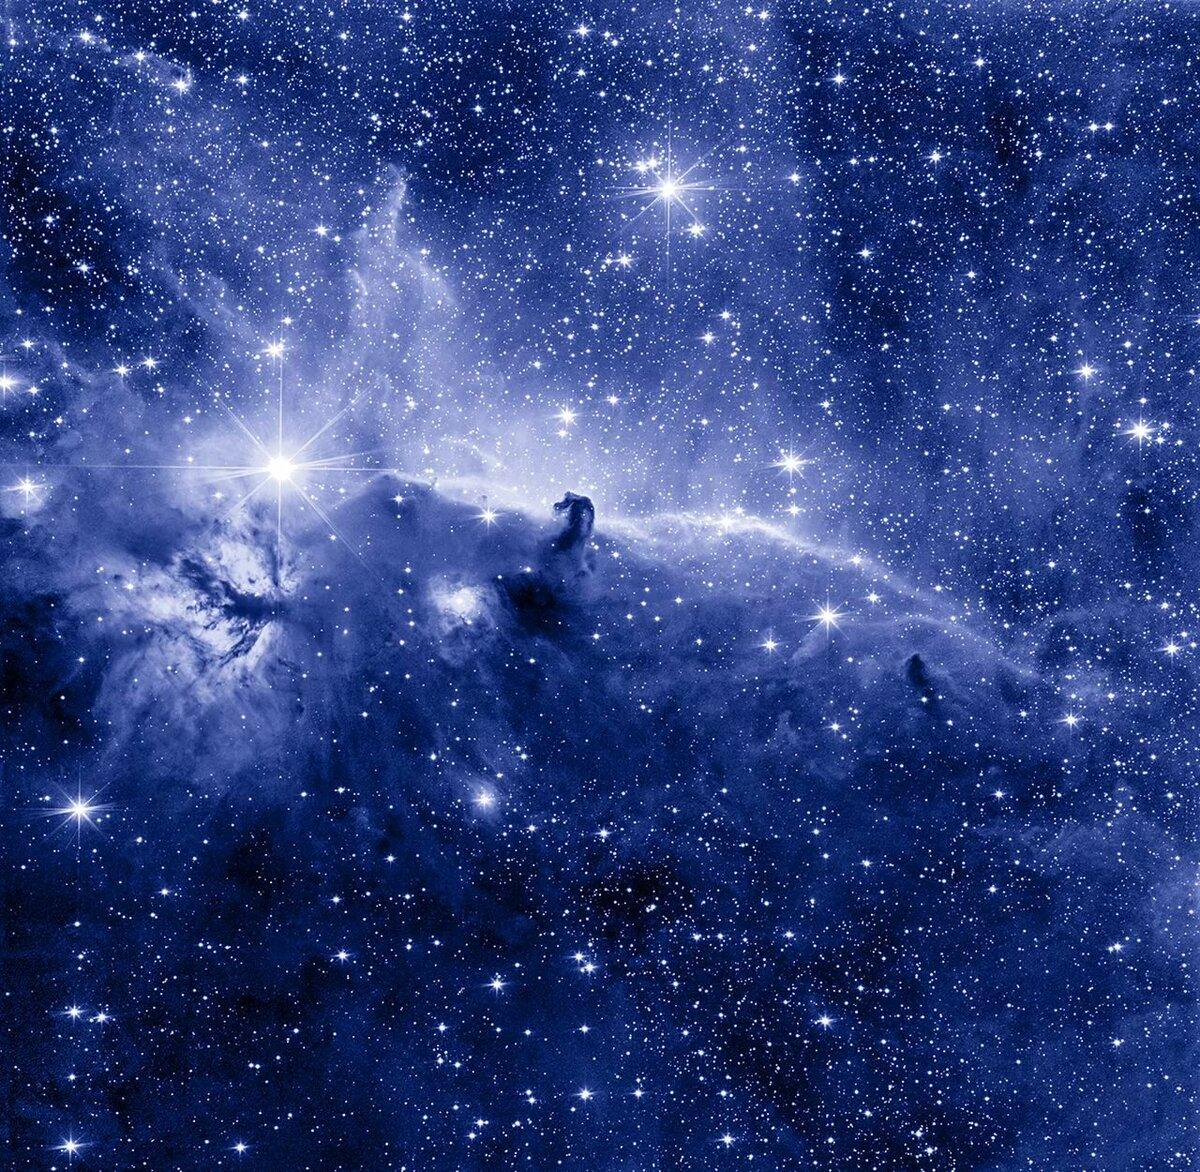 люди картинки звезд в хорошем качестве закат над водой